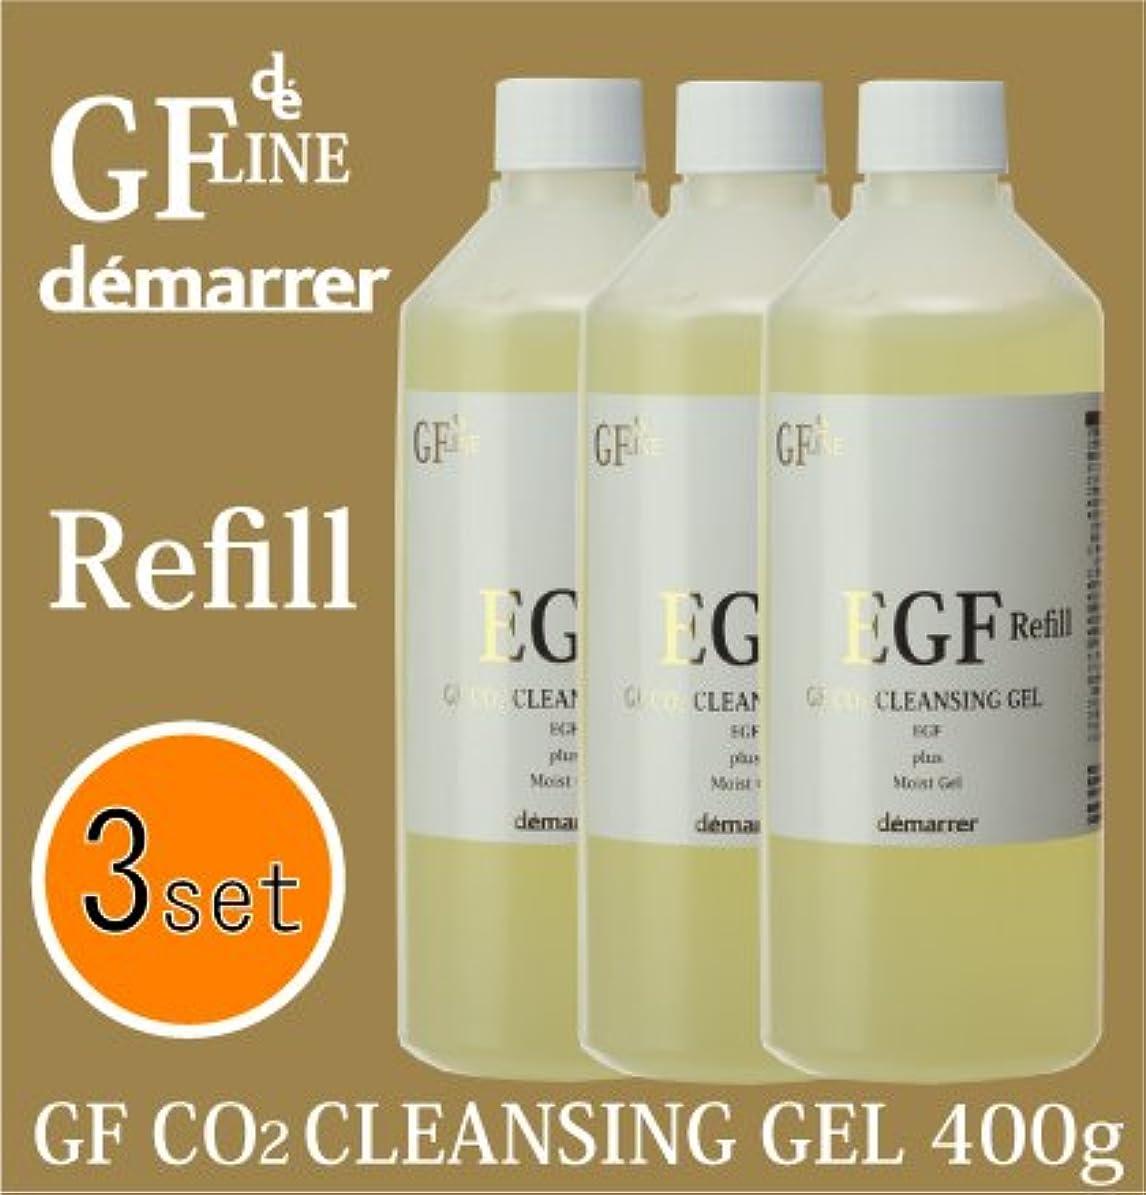 称賛右ジョージバーナードデマレ GF 炭酸洗顔クレンジン 400g レフィル 詰替用 3本セット